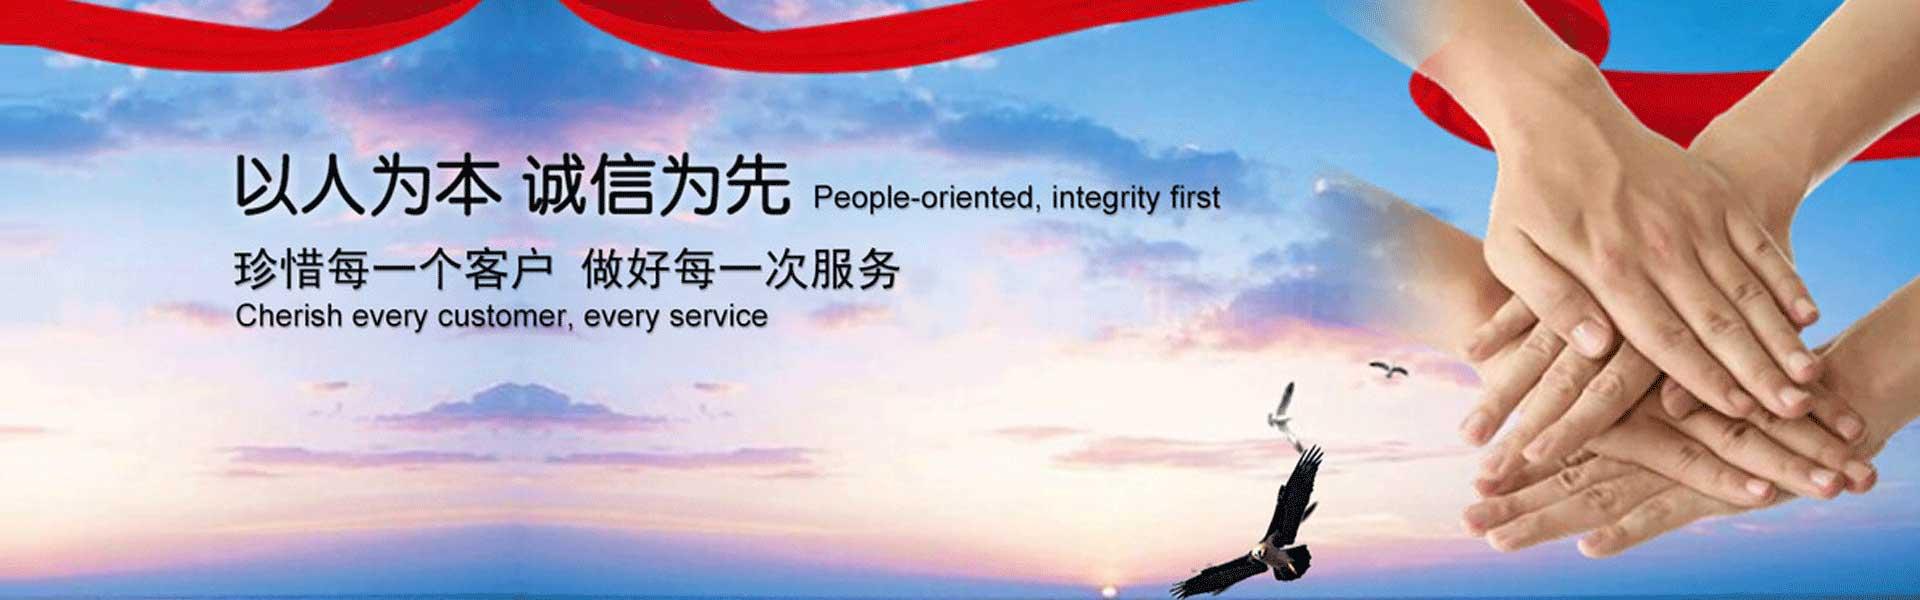 泉州商標注冊服務機構是泉州地區的商標注冊平臺,專注為個人和企業提供商標注冊、商標申請、個體